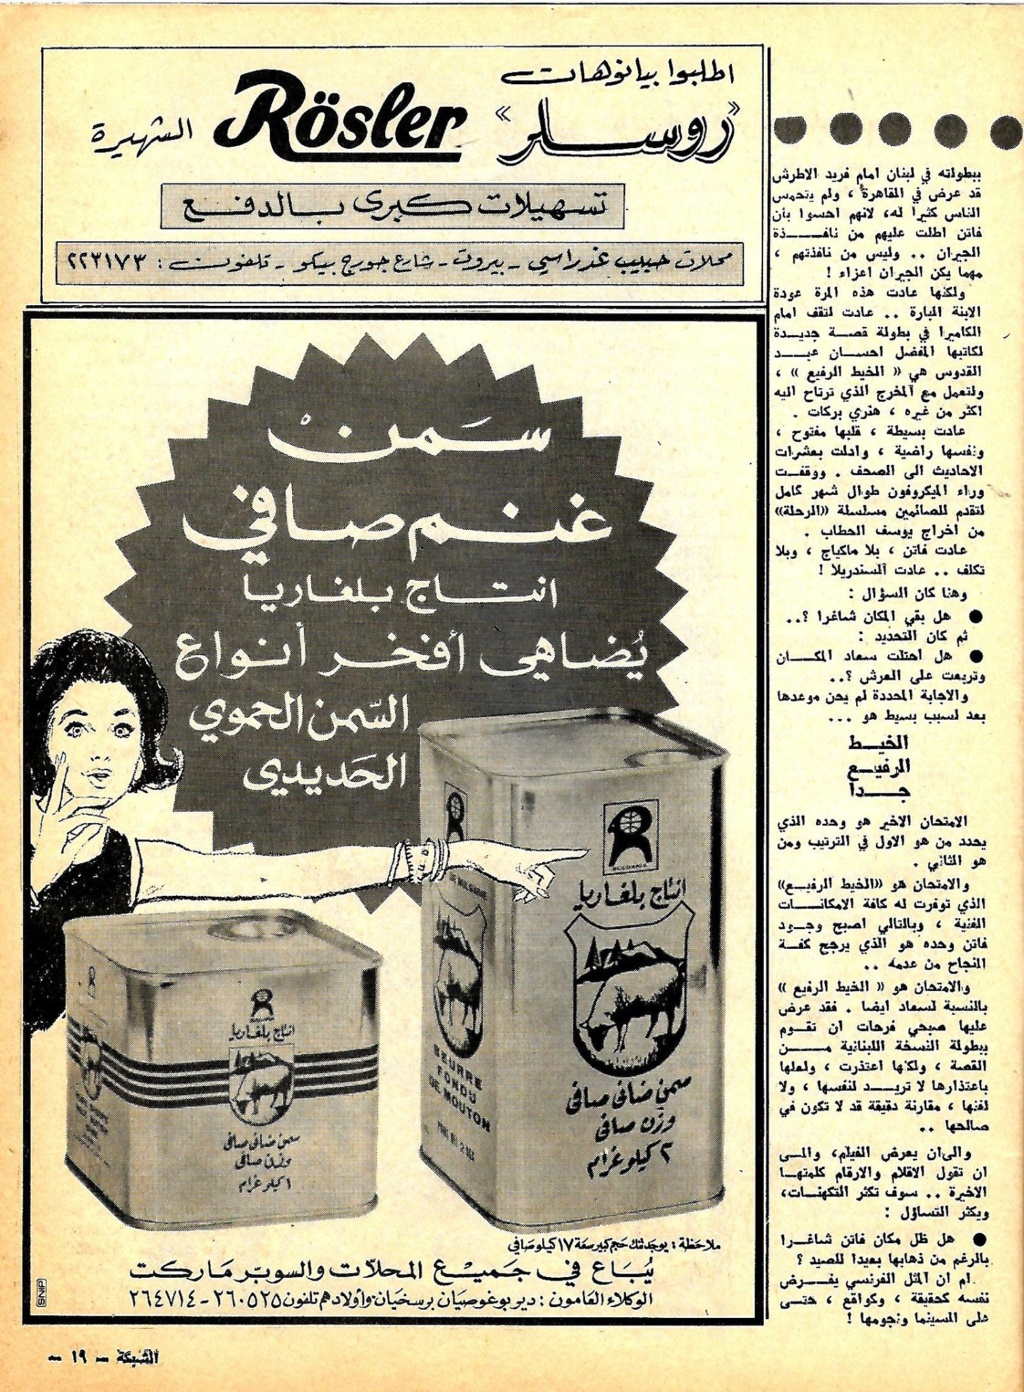 مقال - مقال صحفي : قصة الصراع على القمة بين فاتن حمامة وسعاد حسني 1970 م 411